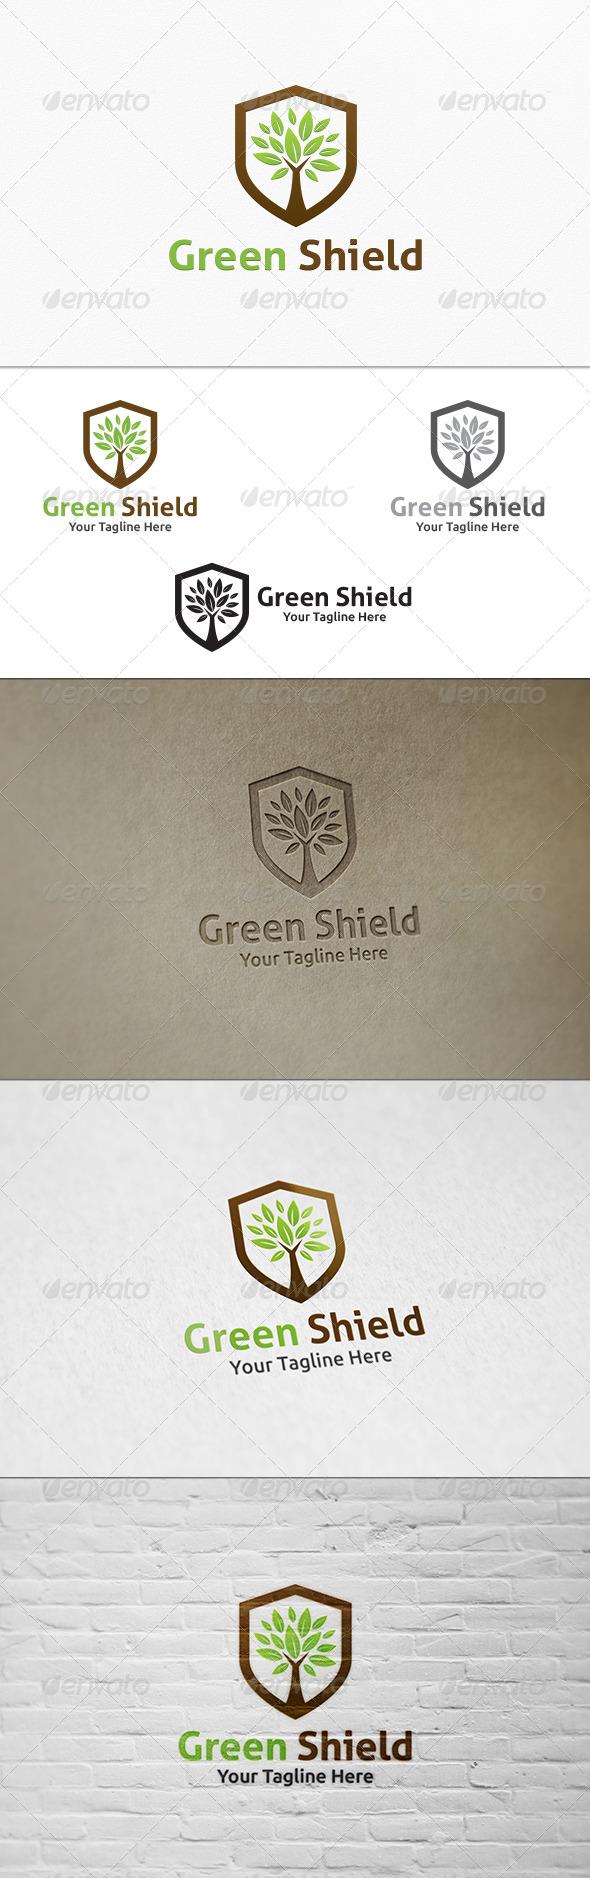 GraphicRiver Green Shield Logo Template 7835055